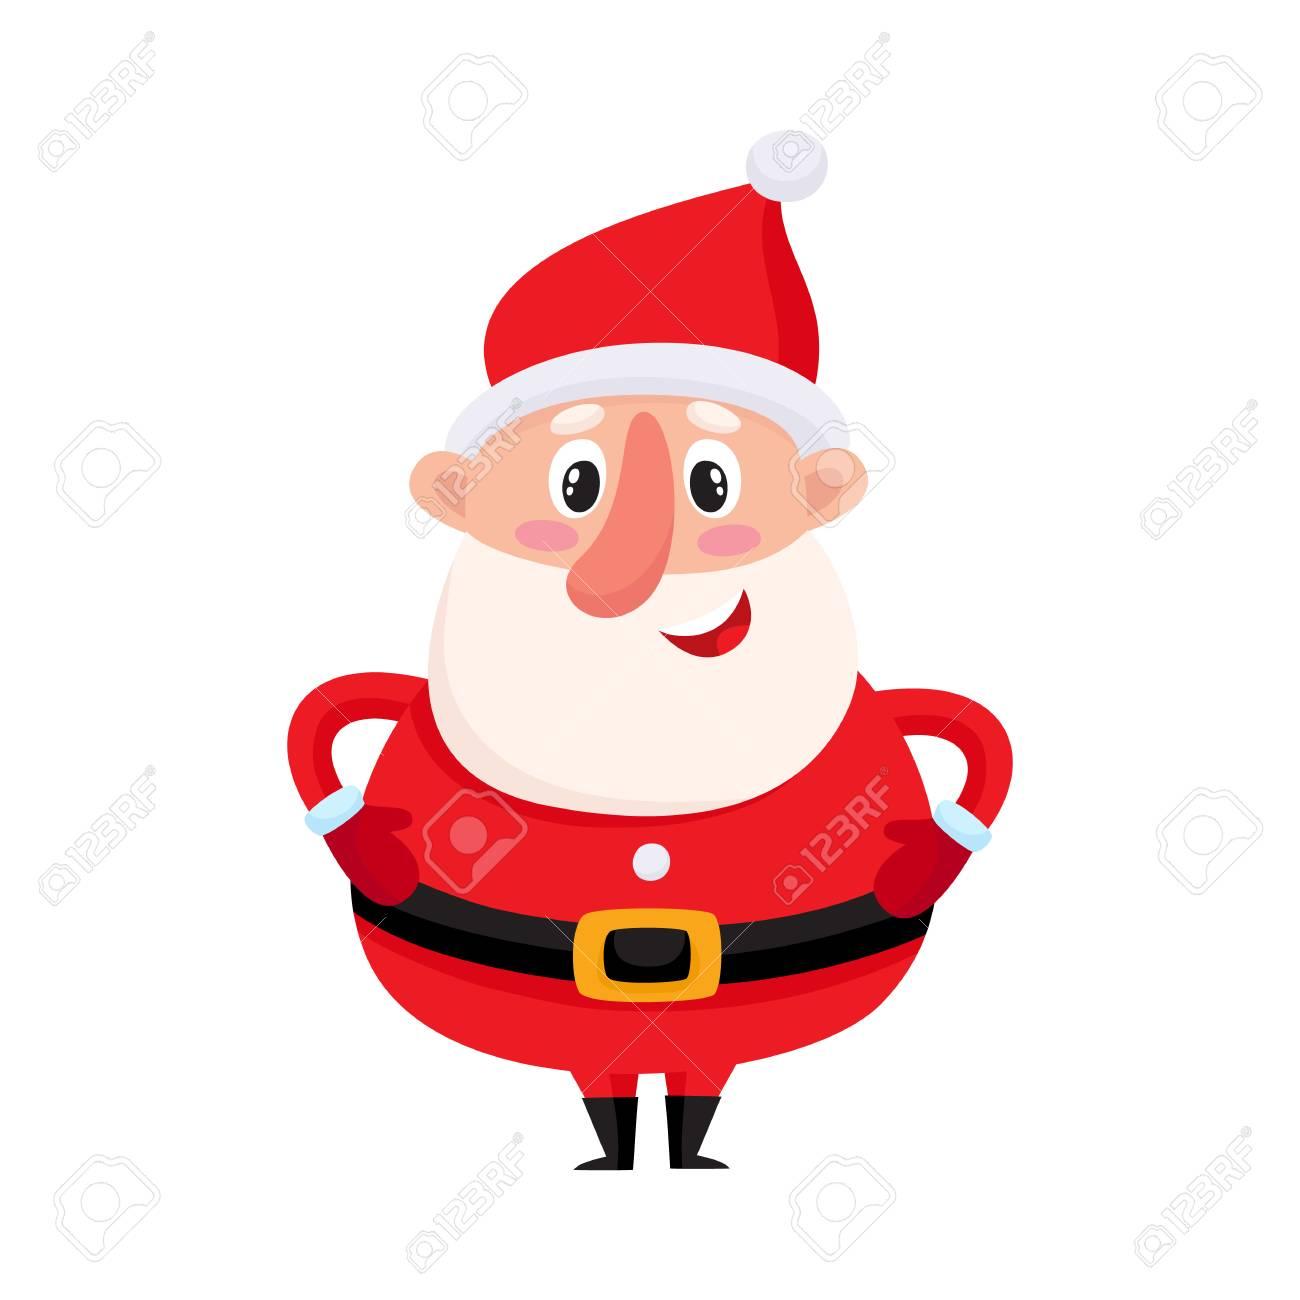 Père Noël Mignon Et Drôle Illustration De Vecteur De Dessin Animé Isolé Sur Fond Blanc Childish Tour Père Noël Attribut De Noël élément De